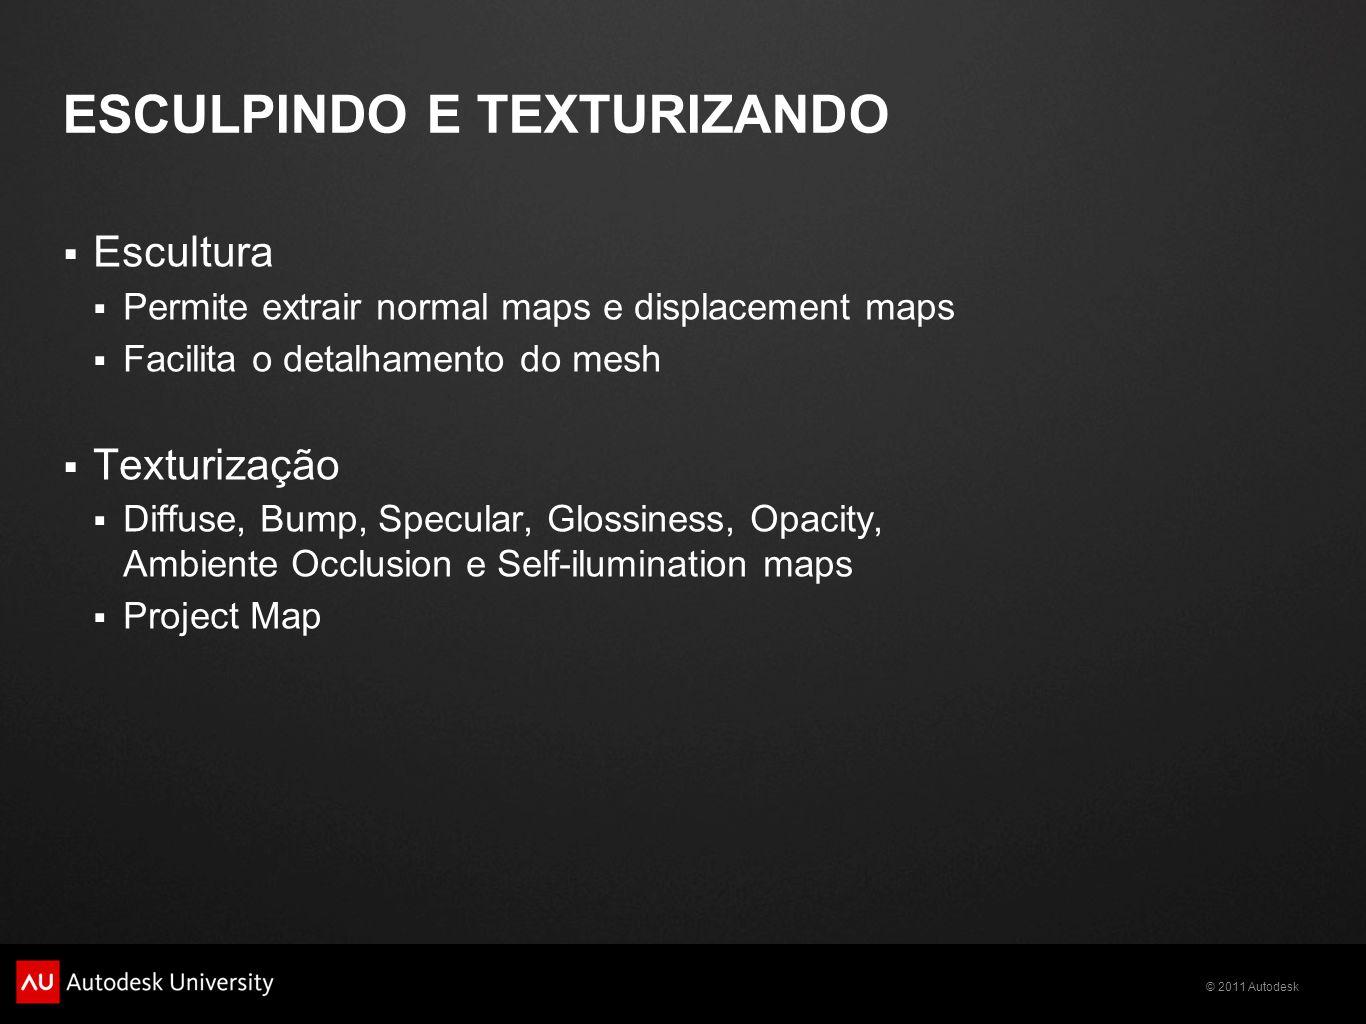 Esculpindo e texturizando